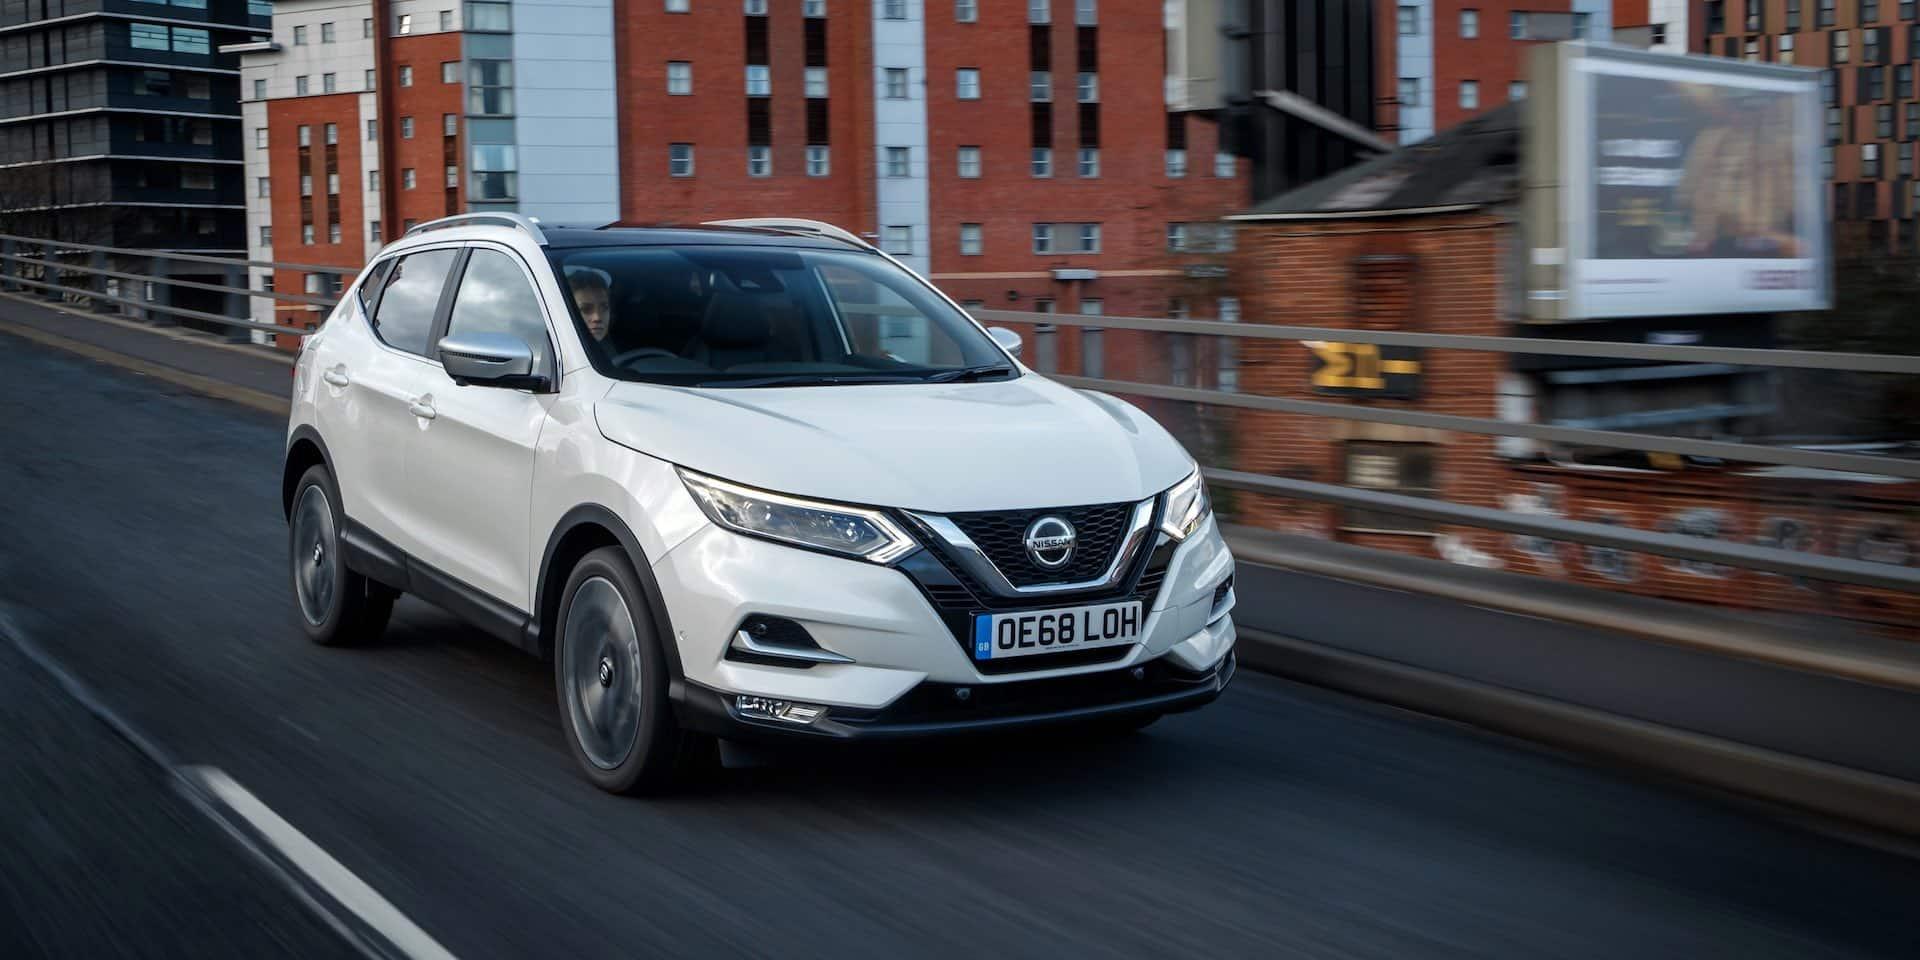 2019 Nissan Qashqai test drive | New car reviews | The Car ...